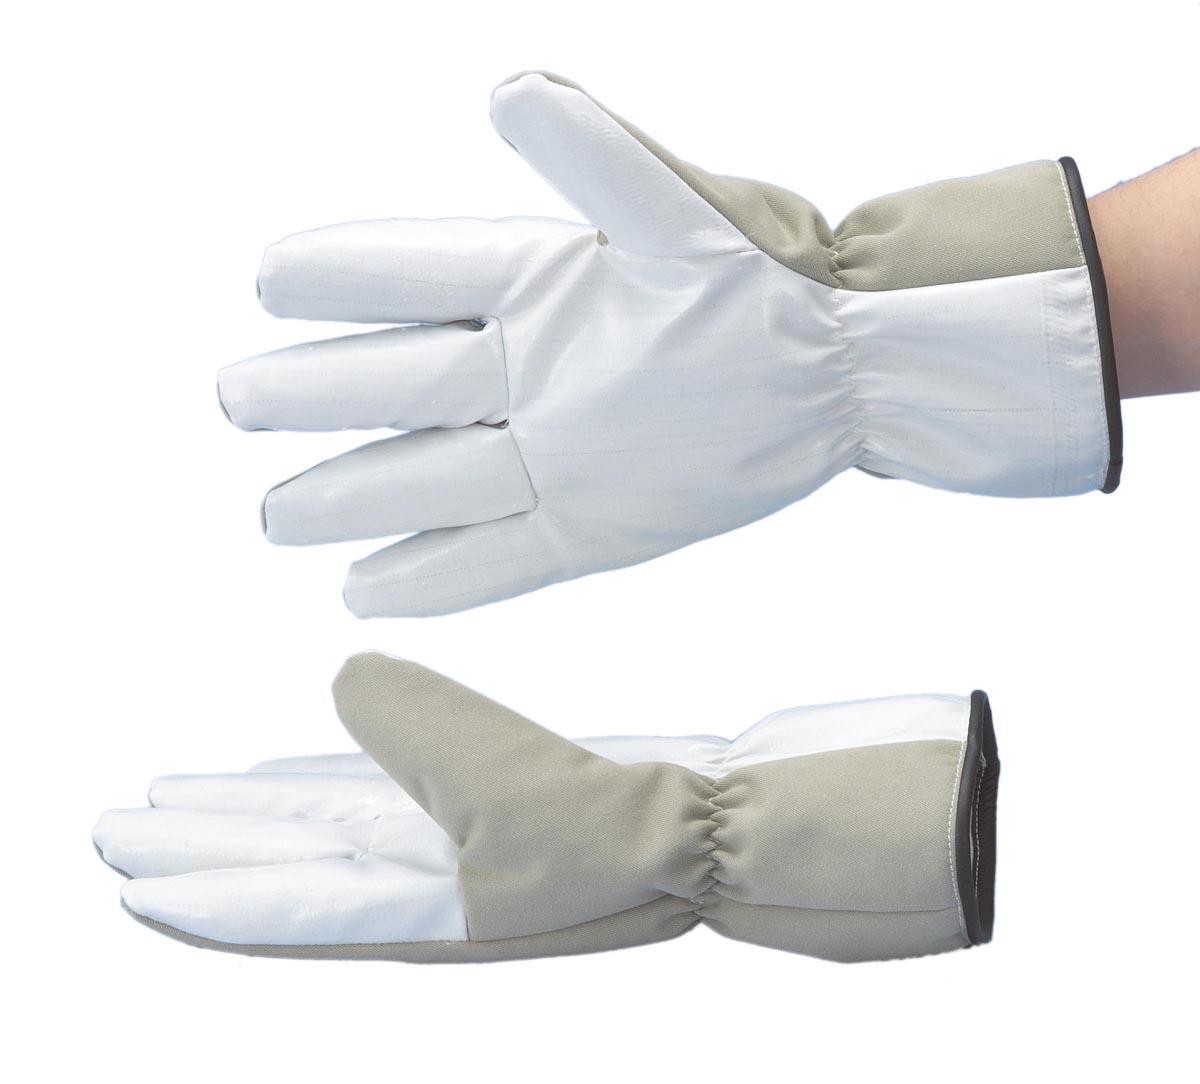 ダイヤゴム 超低温用手袋 CGF-18